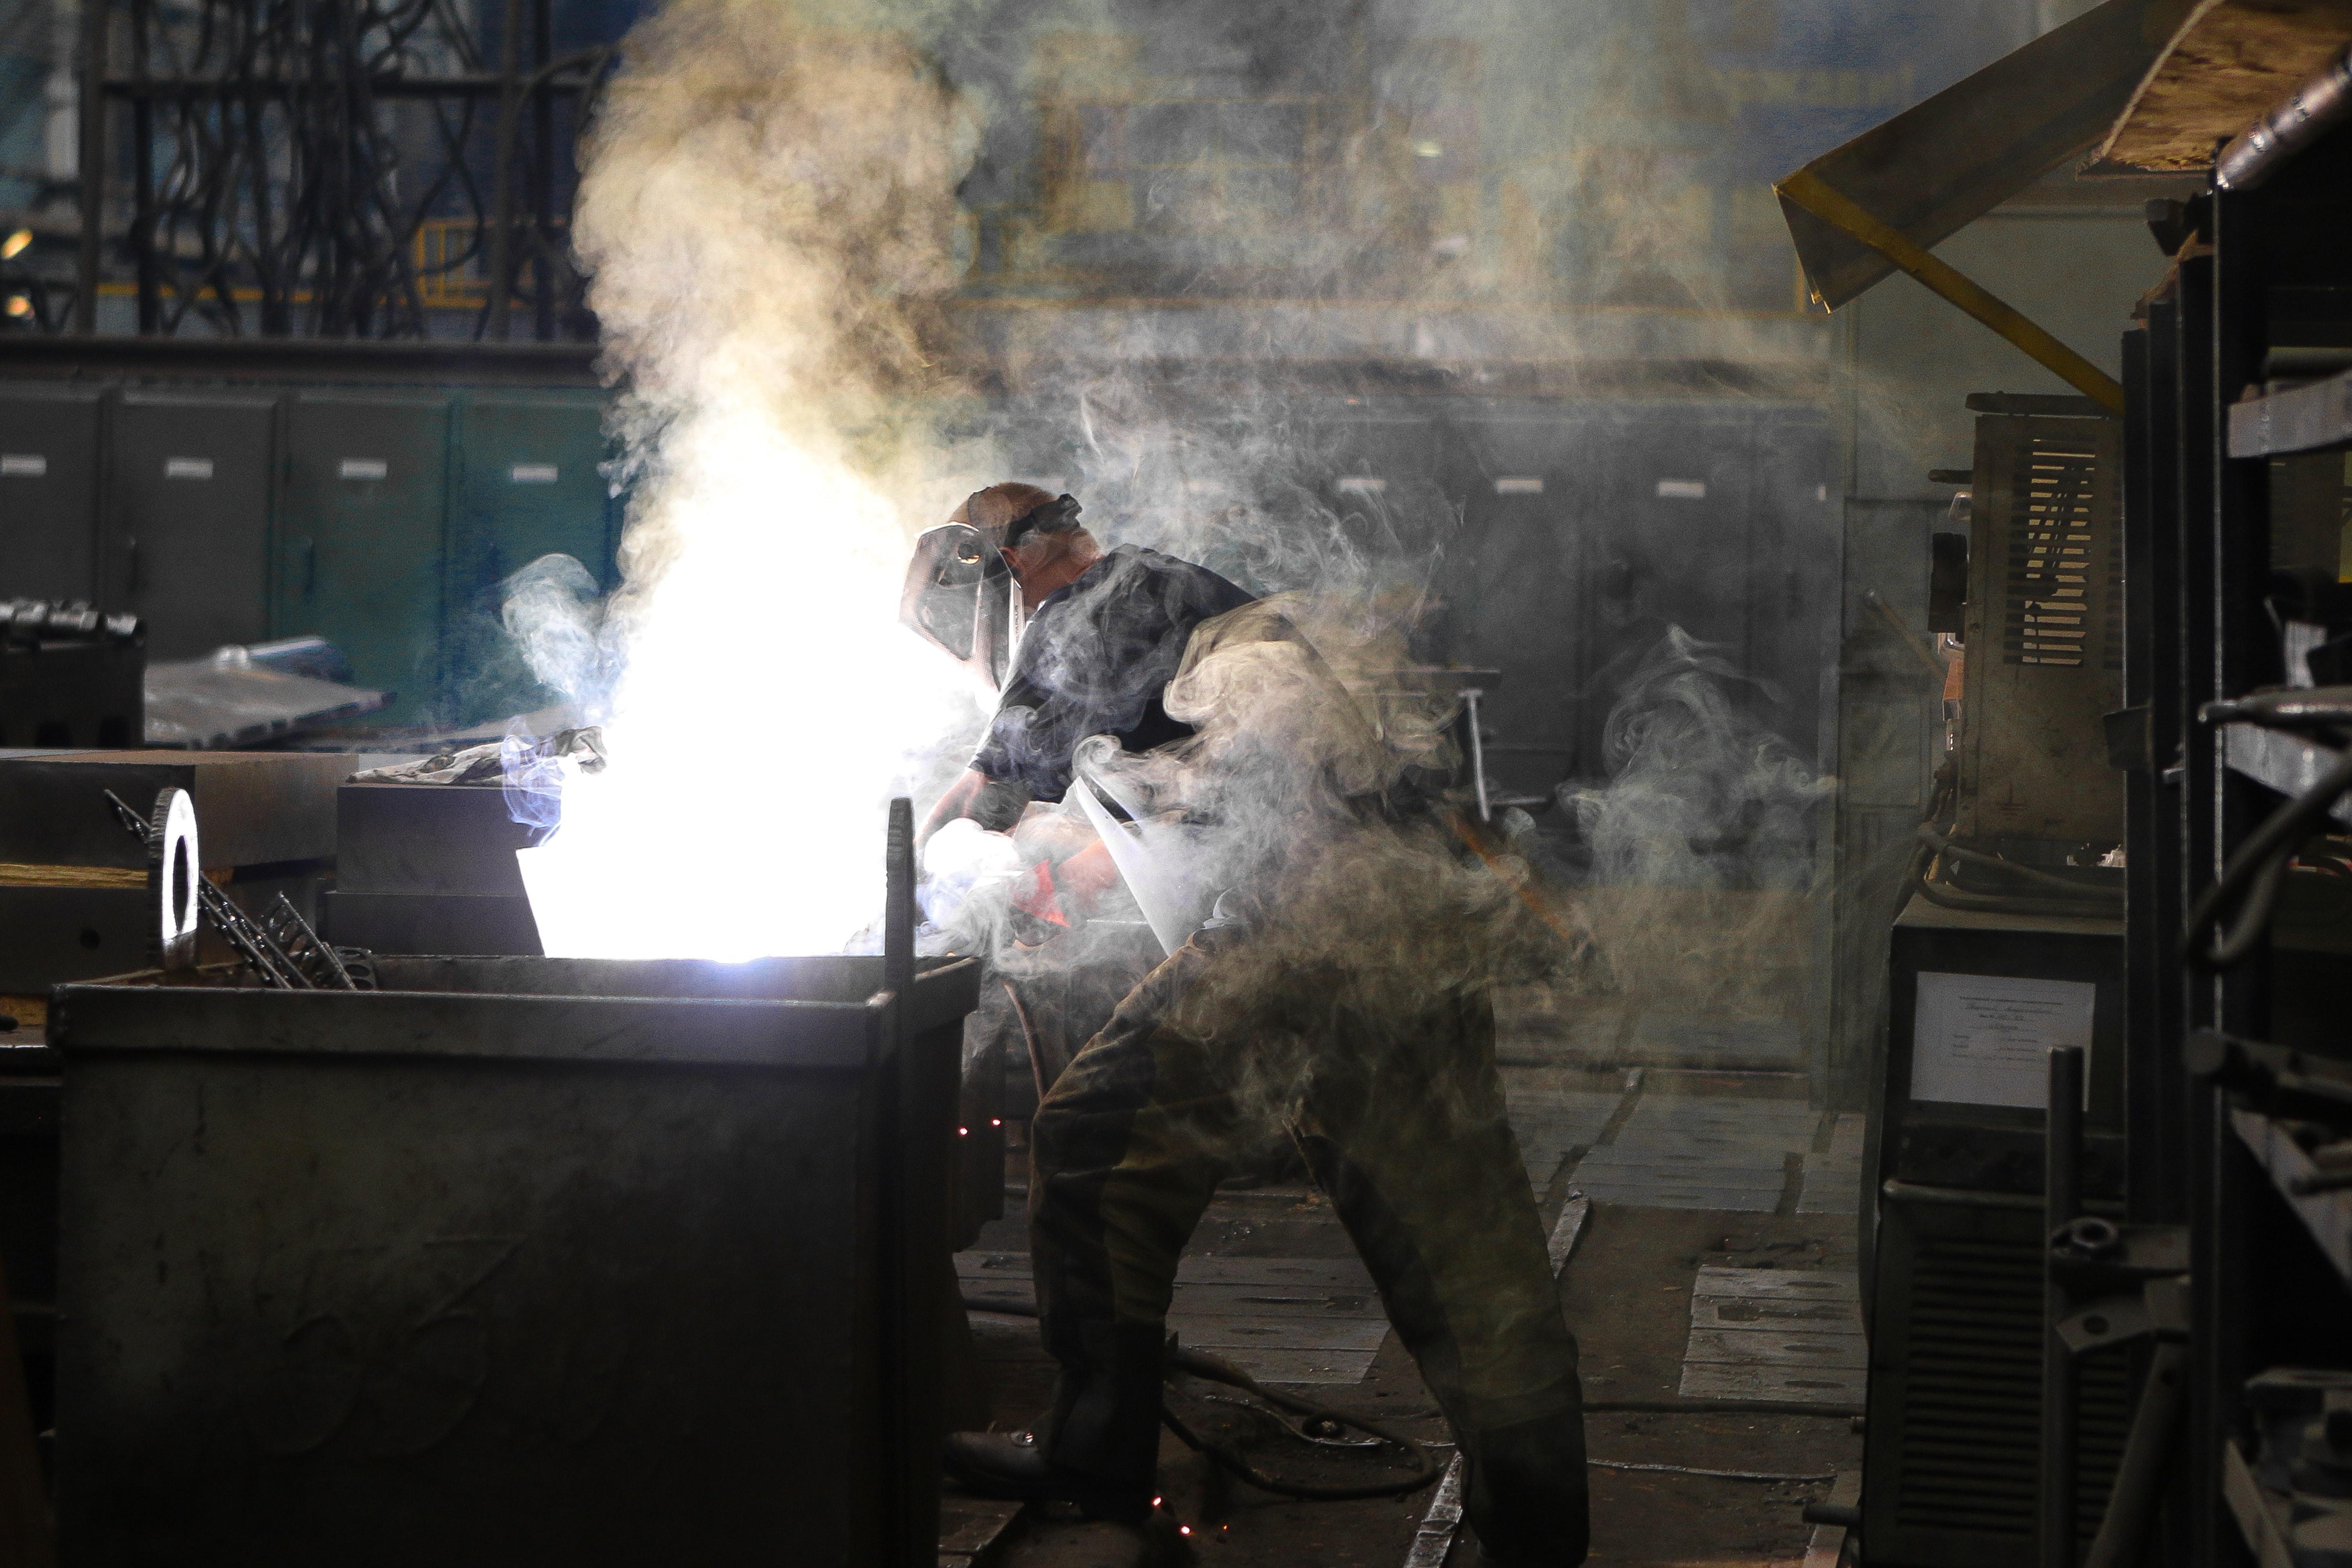 danger-factory-heat-2760344